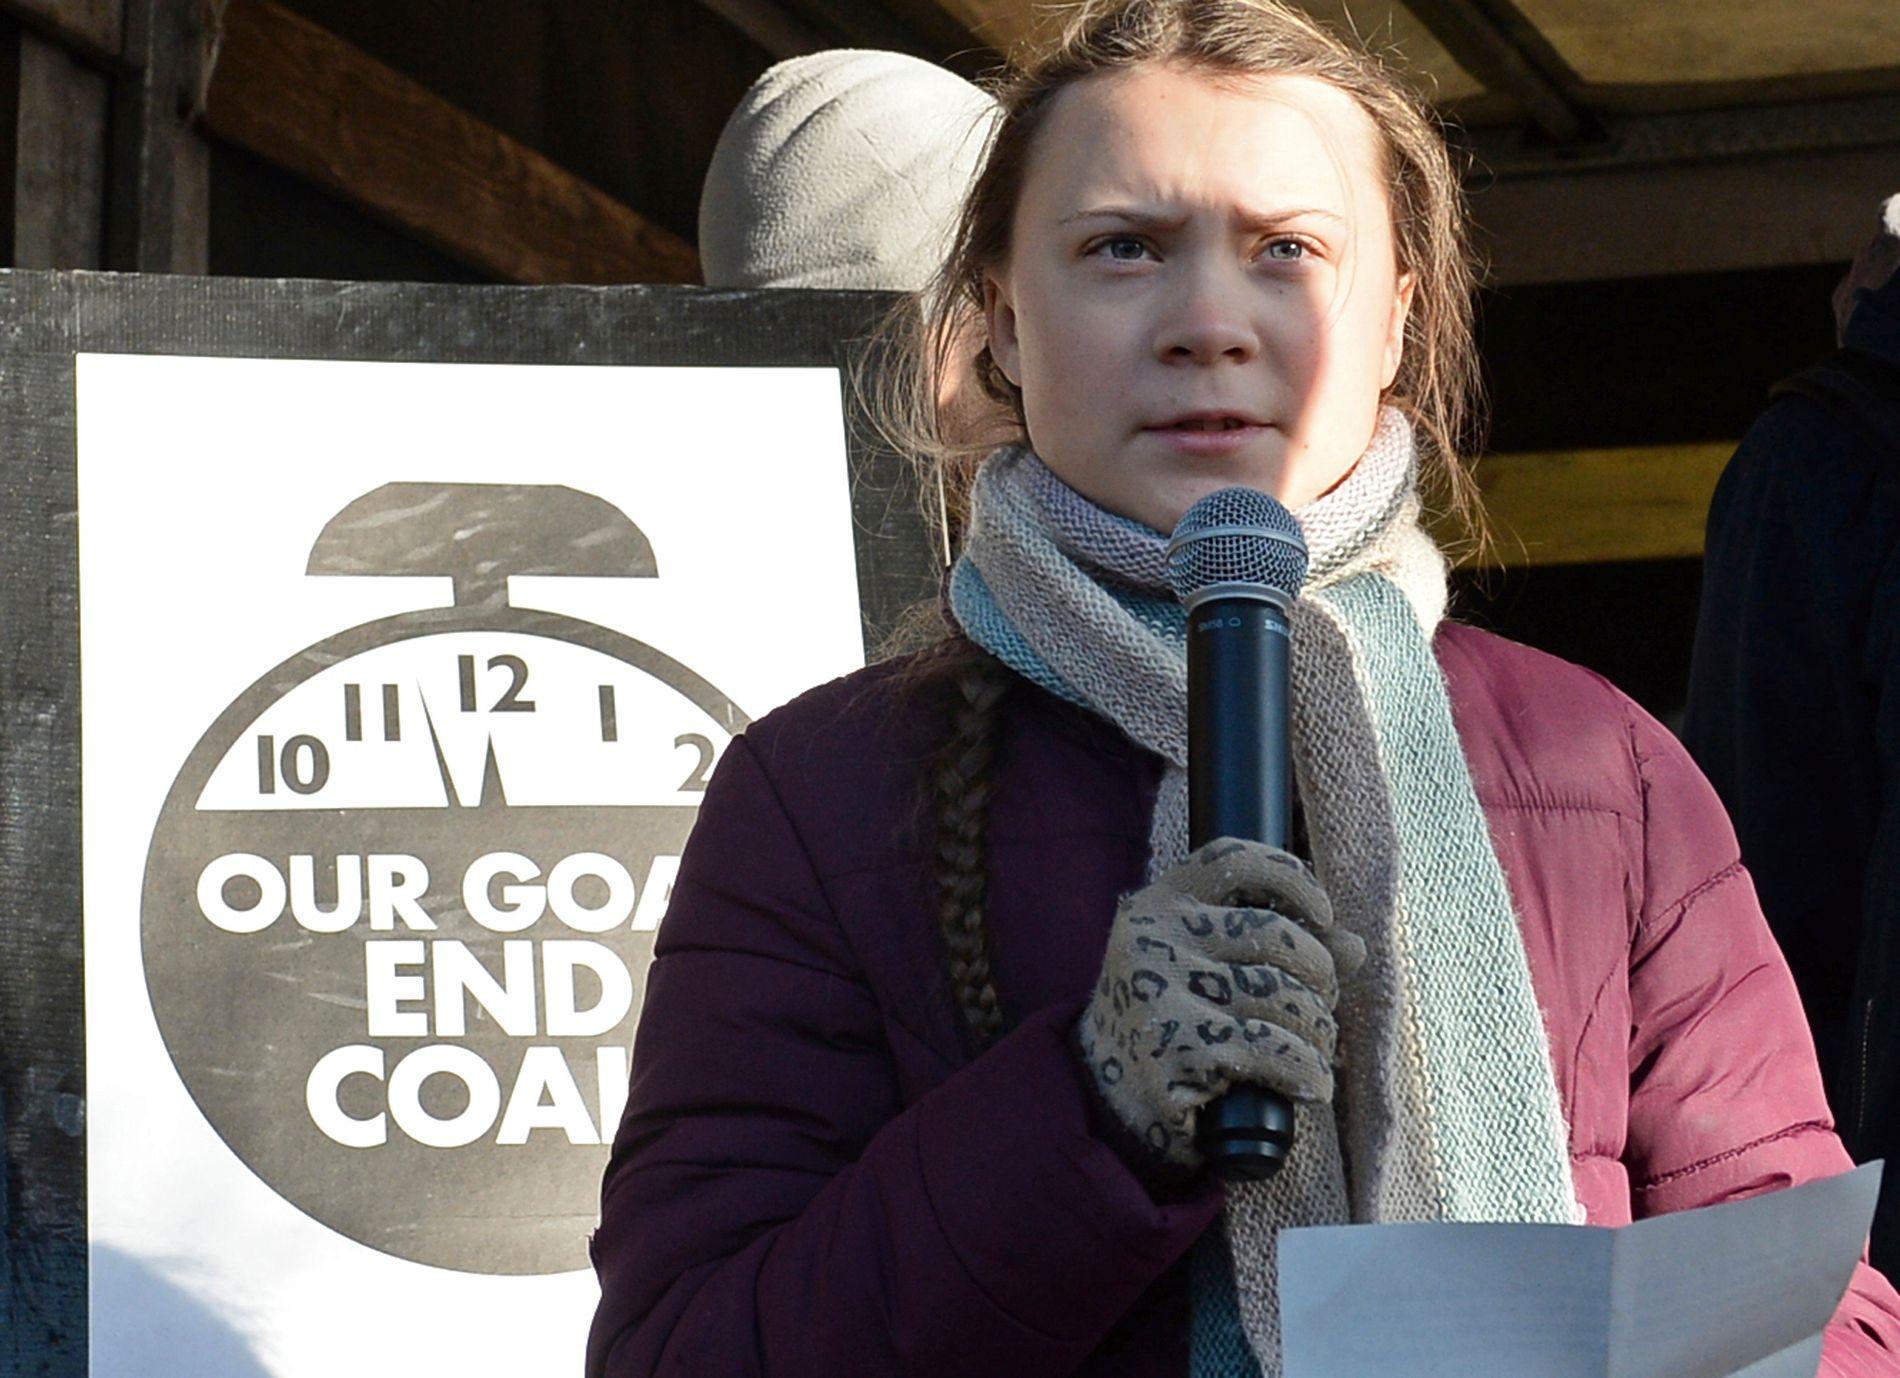 VERDENSKJENT KLIMAAKTIVIST: 15 år gamle Greta Thunberg holdt en tale under klimamarsjen i den polske byen Katowice lørdag. Thunberg ble først kjent da hun hver fredag streiket fra skolen for å tale klimaets sak utenfor den svenske Riksdagen under valget i Sverige i september.